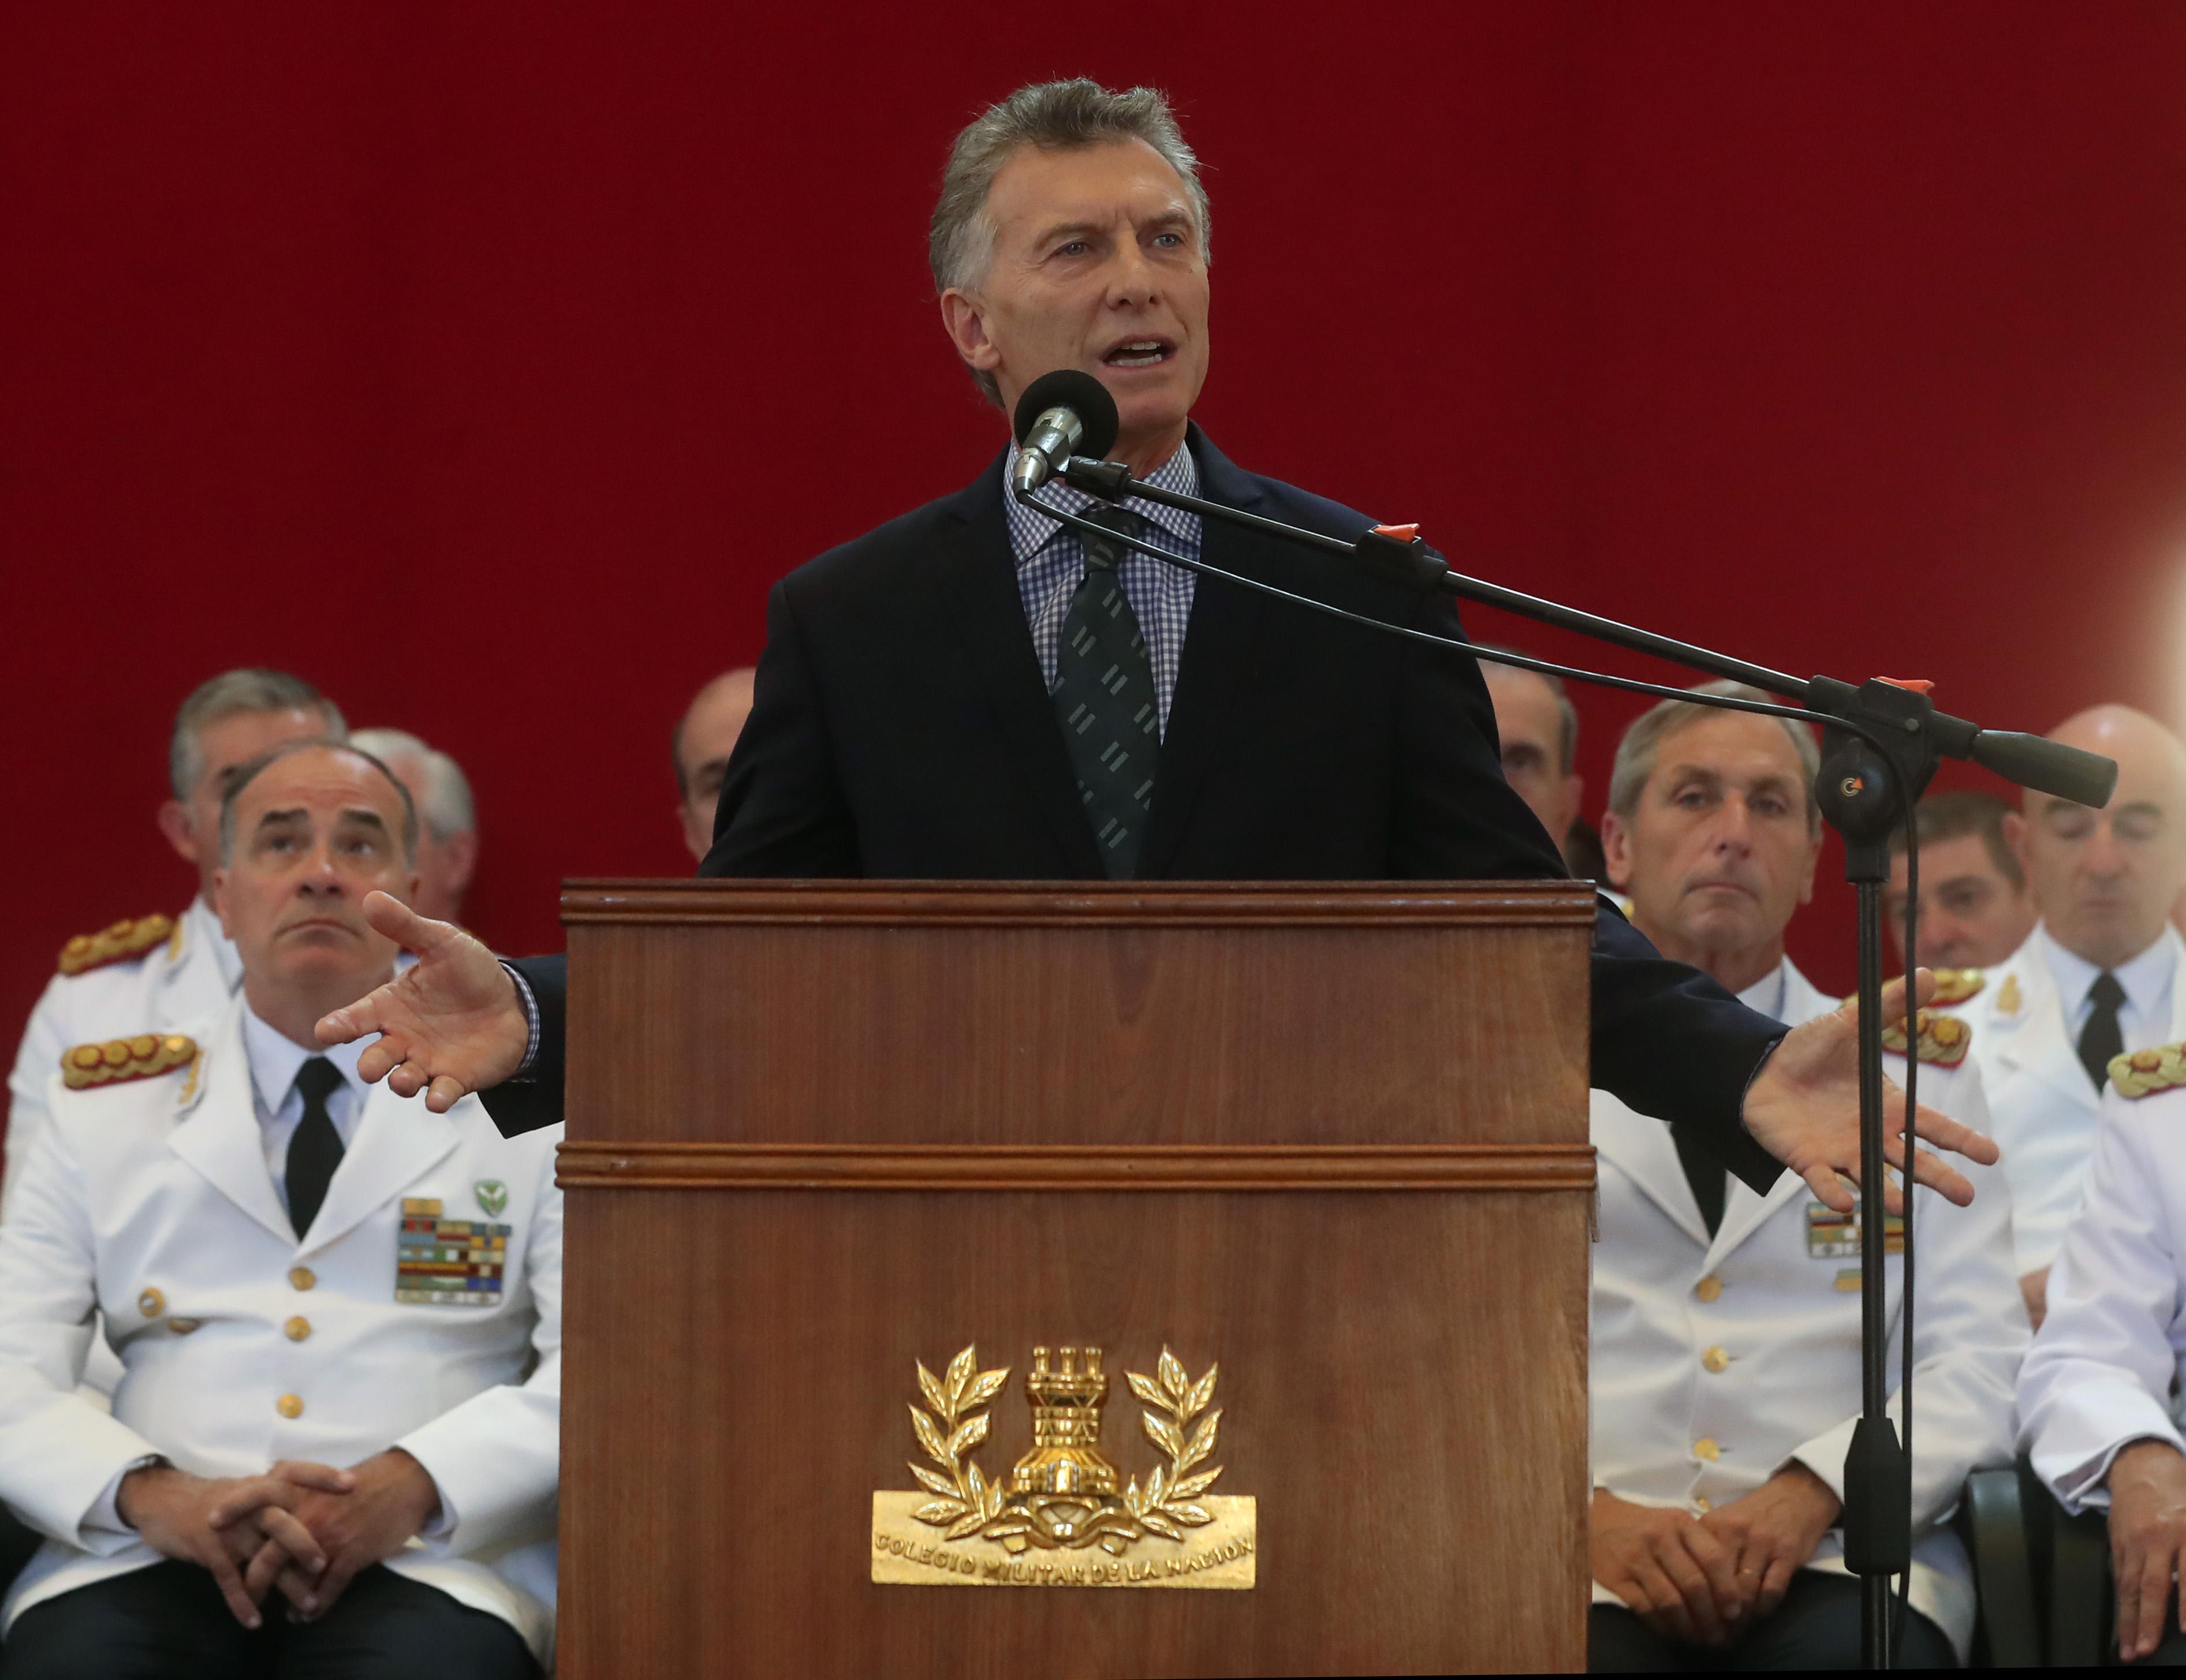 El Presidente Macri encabezó el acto de egreso de nuevos oficiales de las Fuerzas Armadas.